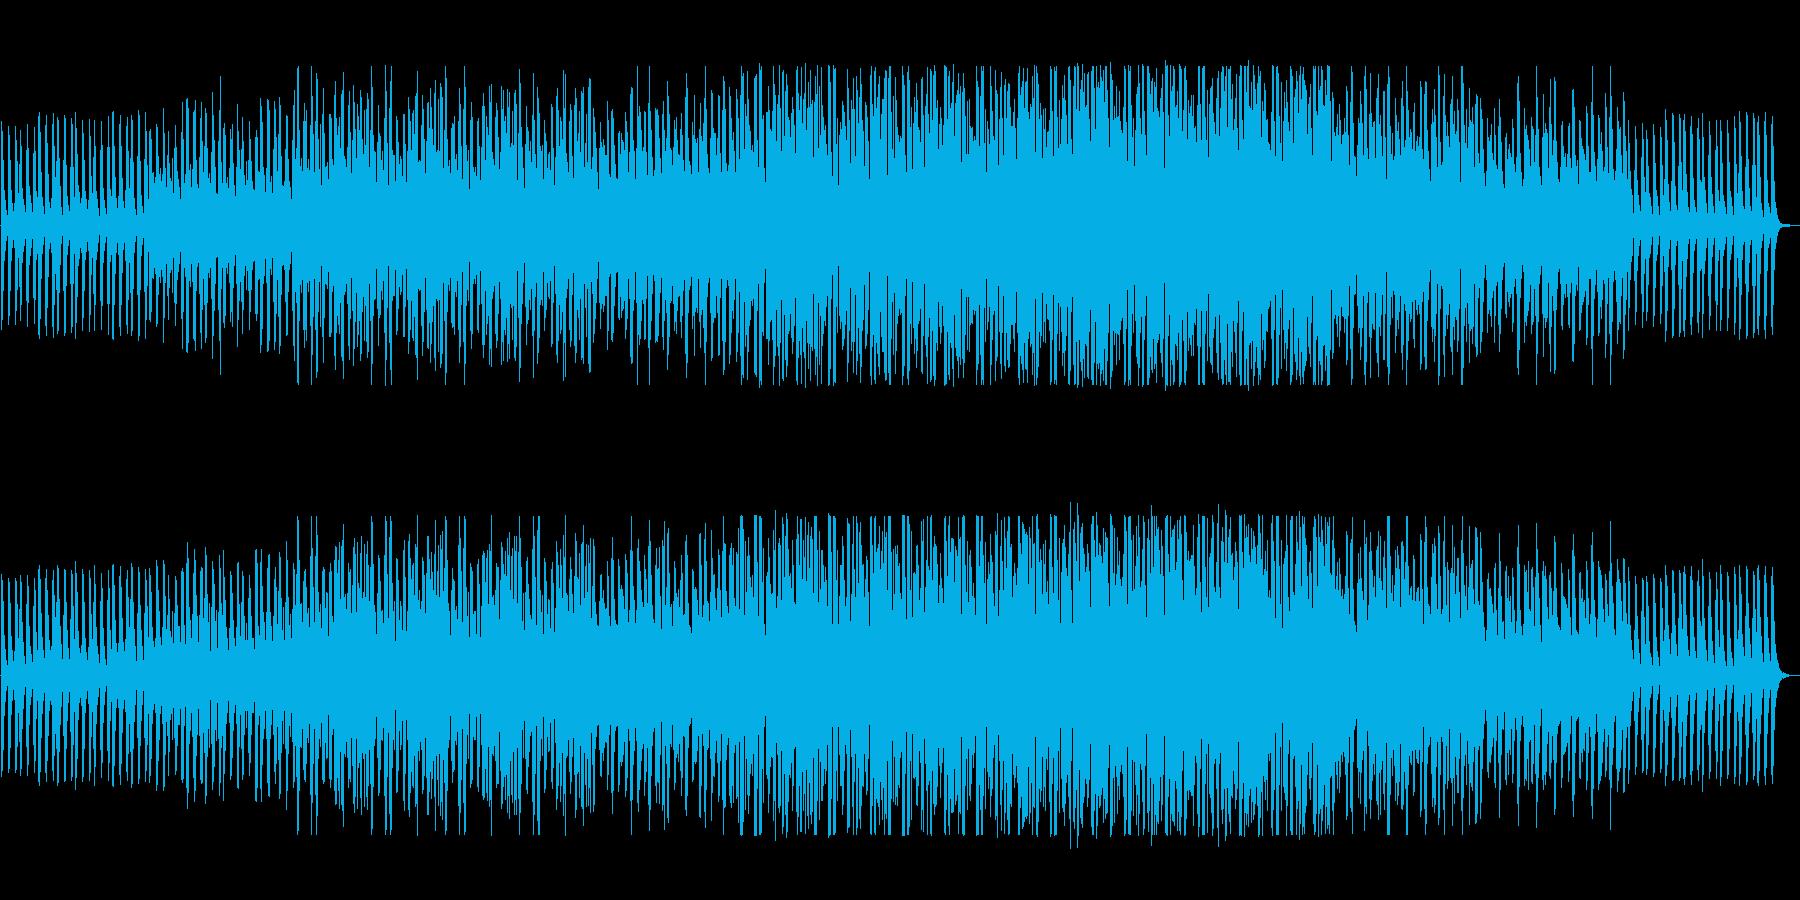 穏やかでリズミカルなテクノポップの再生済みの波形